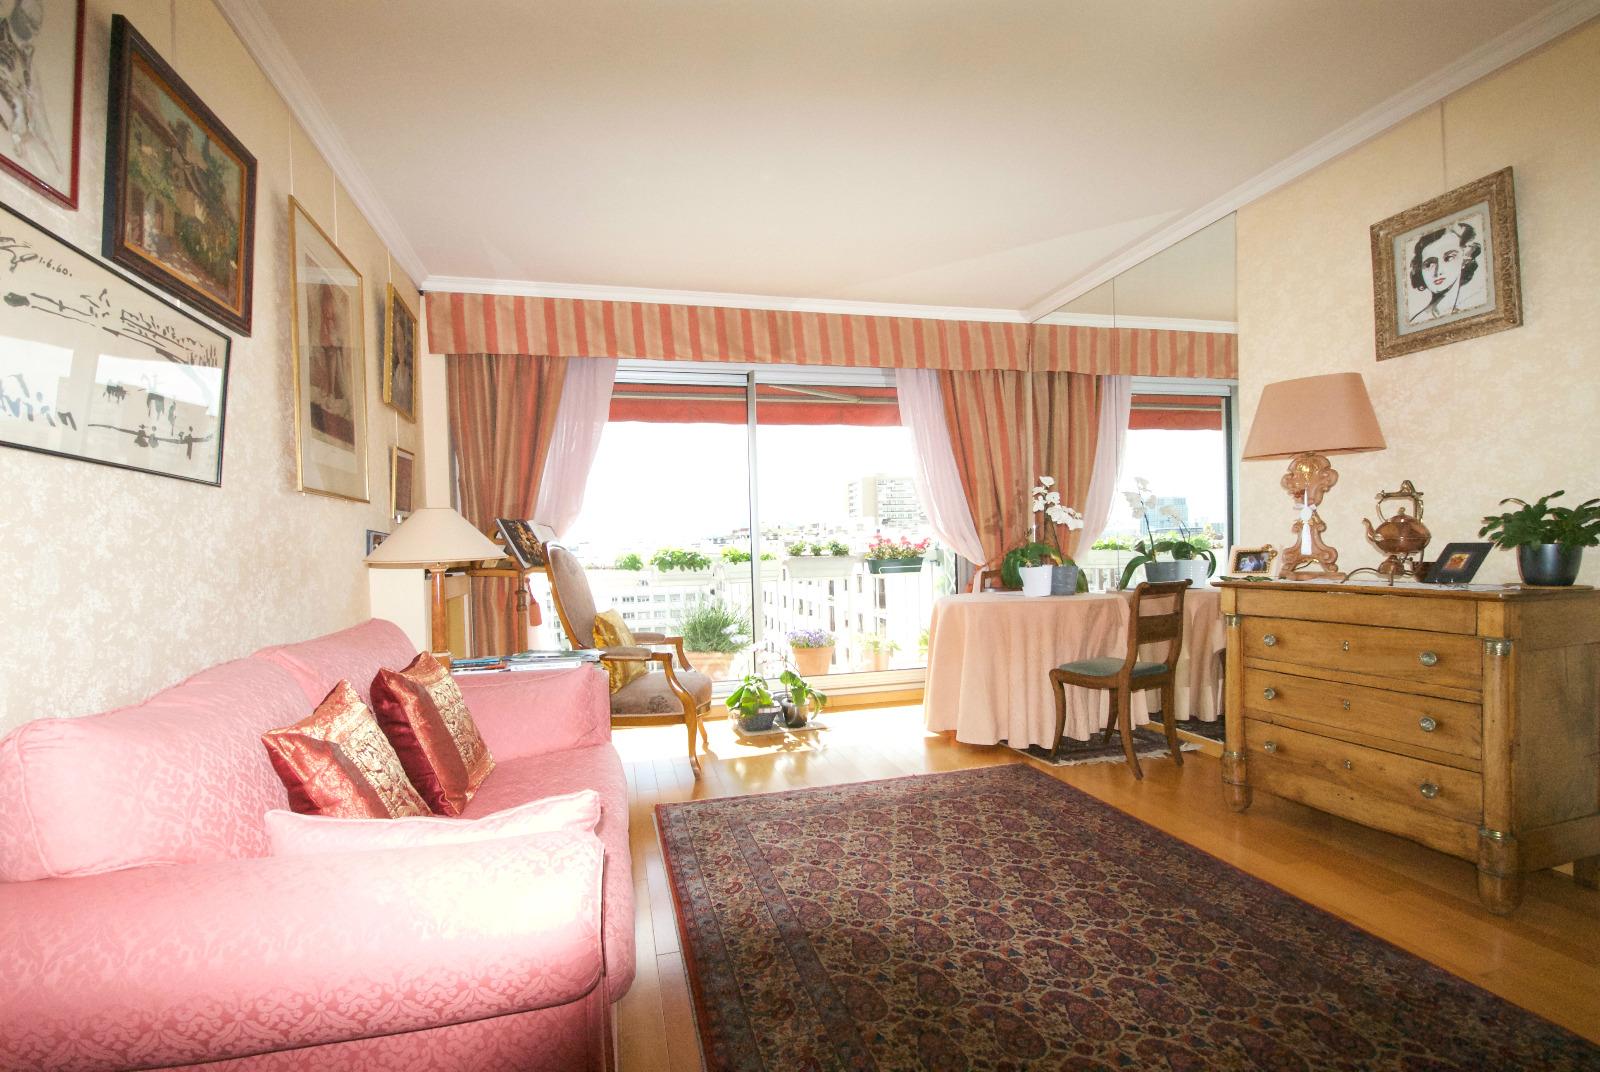 viager occup rente 500 f77. Black Bedroom Furniture Sets. Home Design Ideas